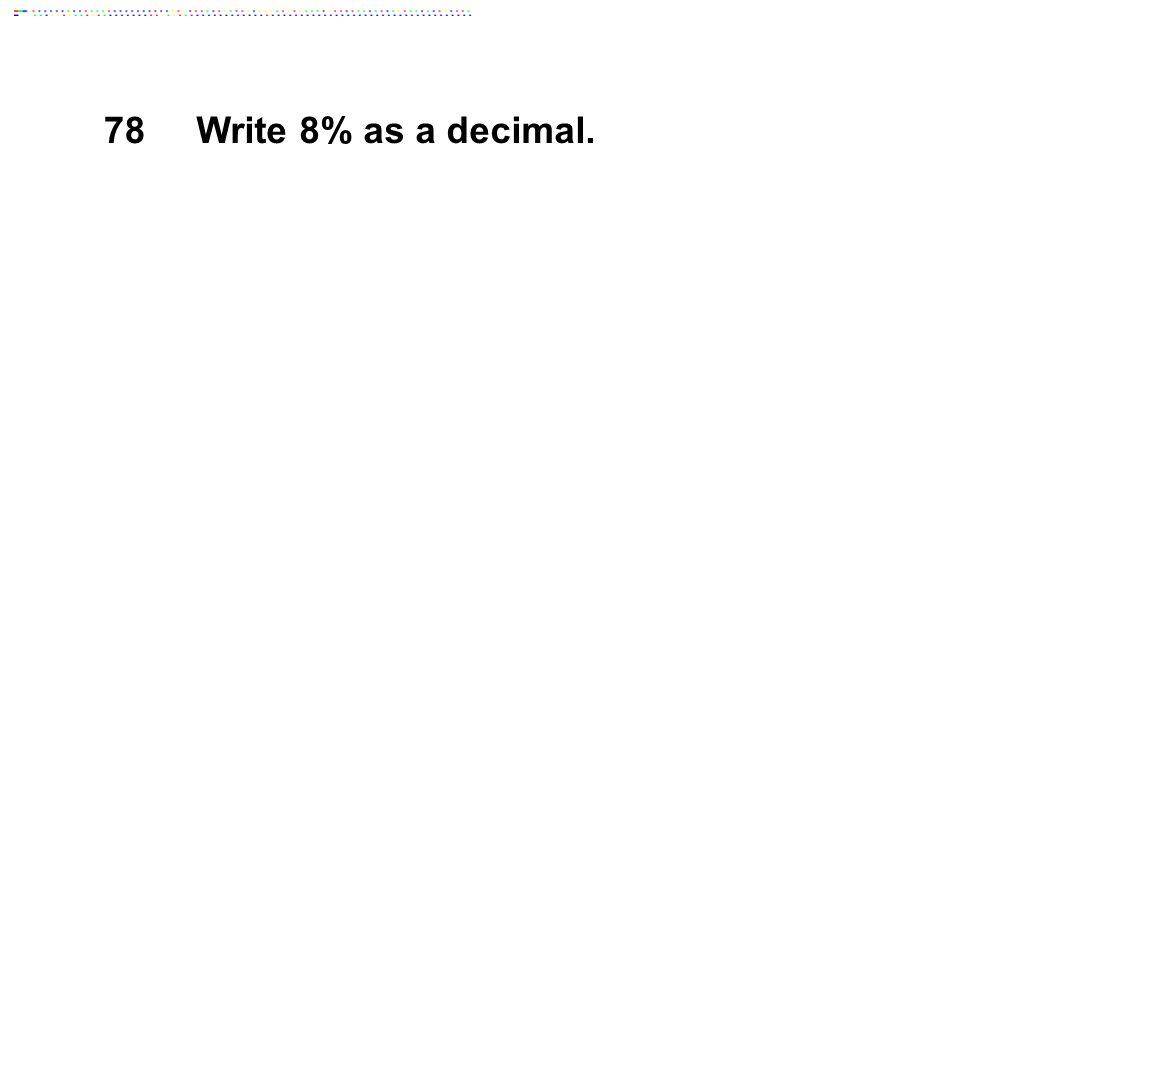 78Write 8% as a decimal.